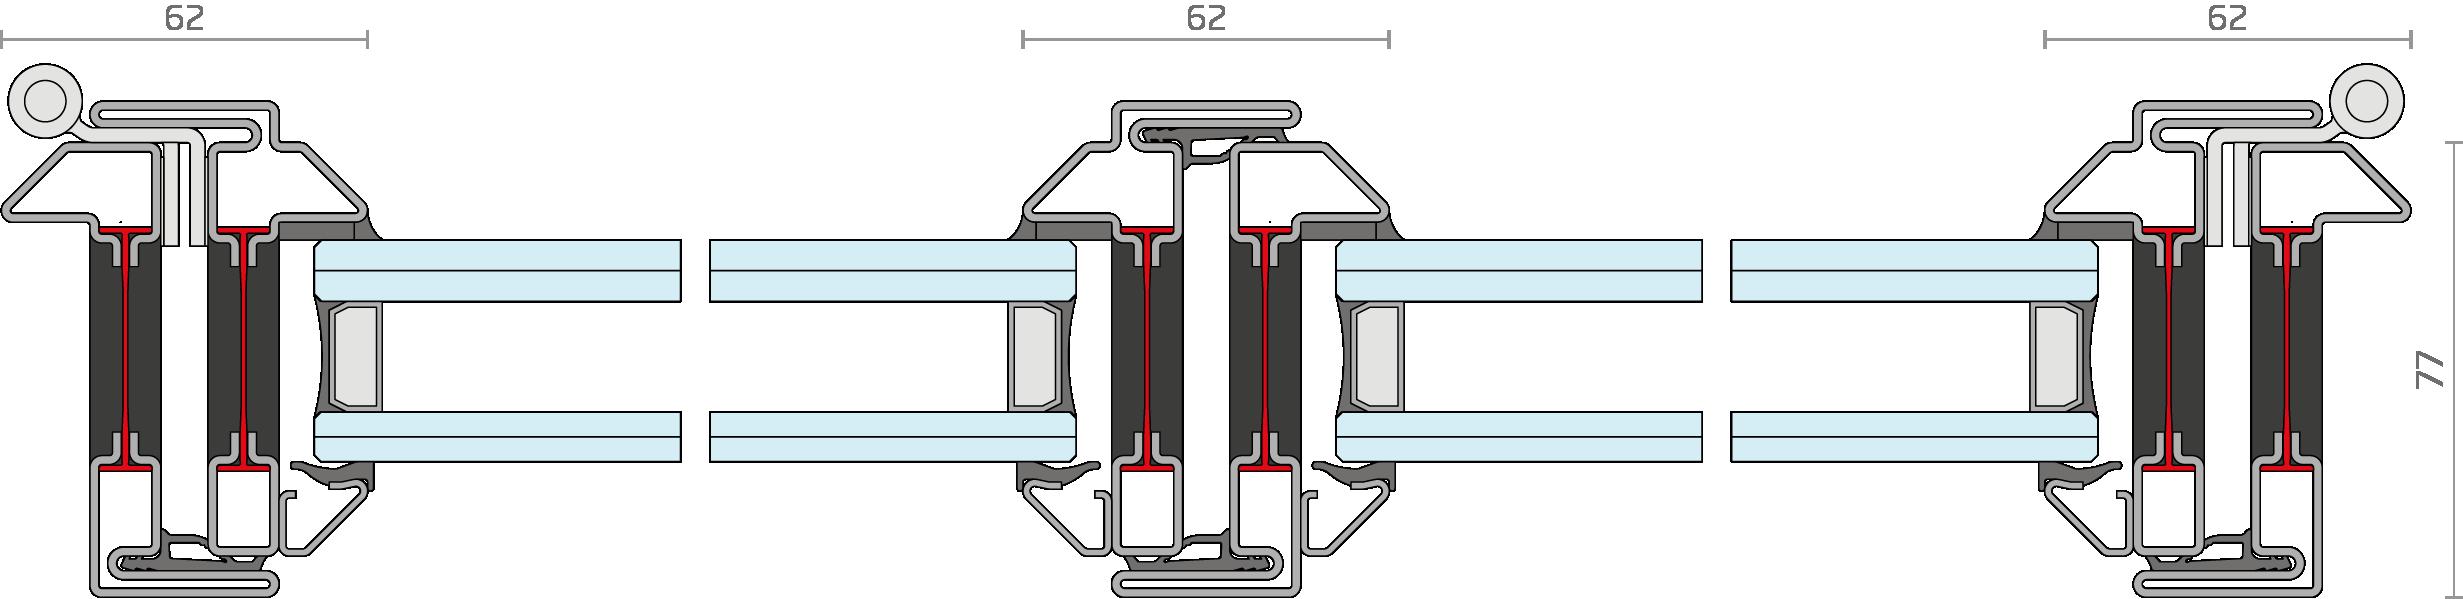 BV 75_P AE h